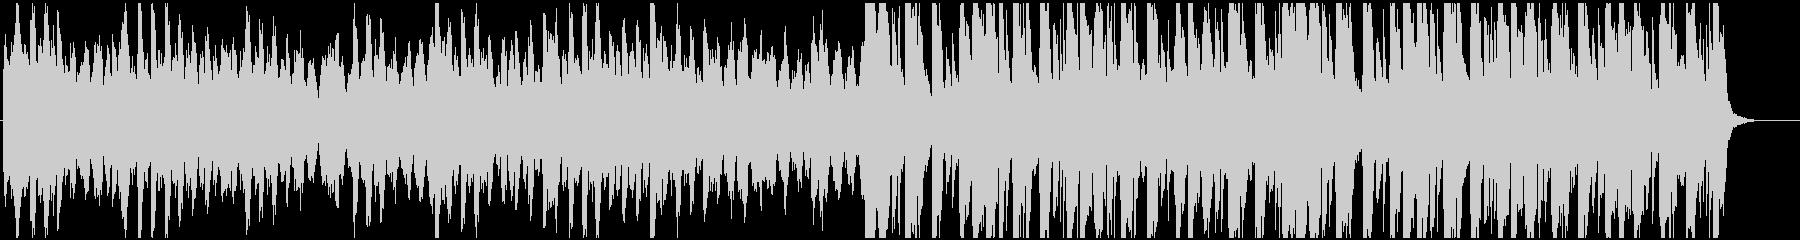 ハロウィン、ほんのり不気味ファンタジー曲の未再生の波形